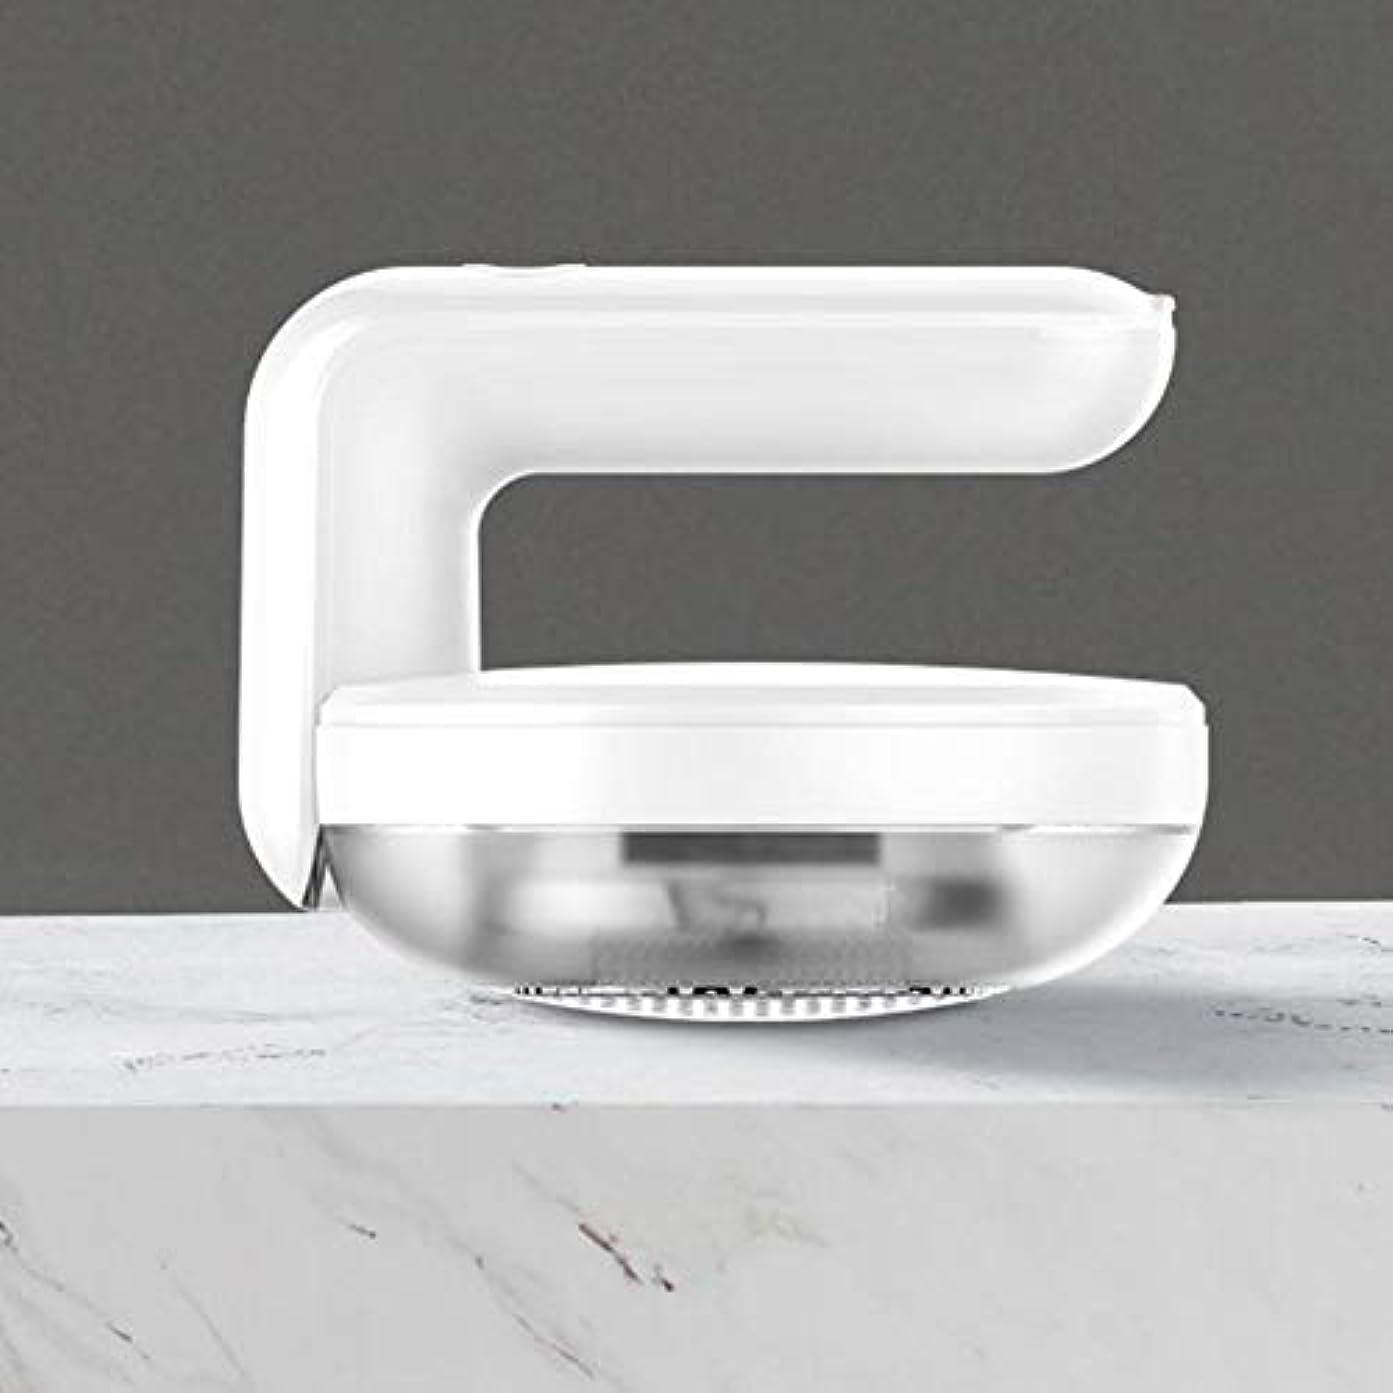 技術者に付ける液化する毛玉取り器 毛玉カット 電動 毛玉取り機 USB充電式 6枚刃モデル 高速回転